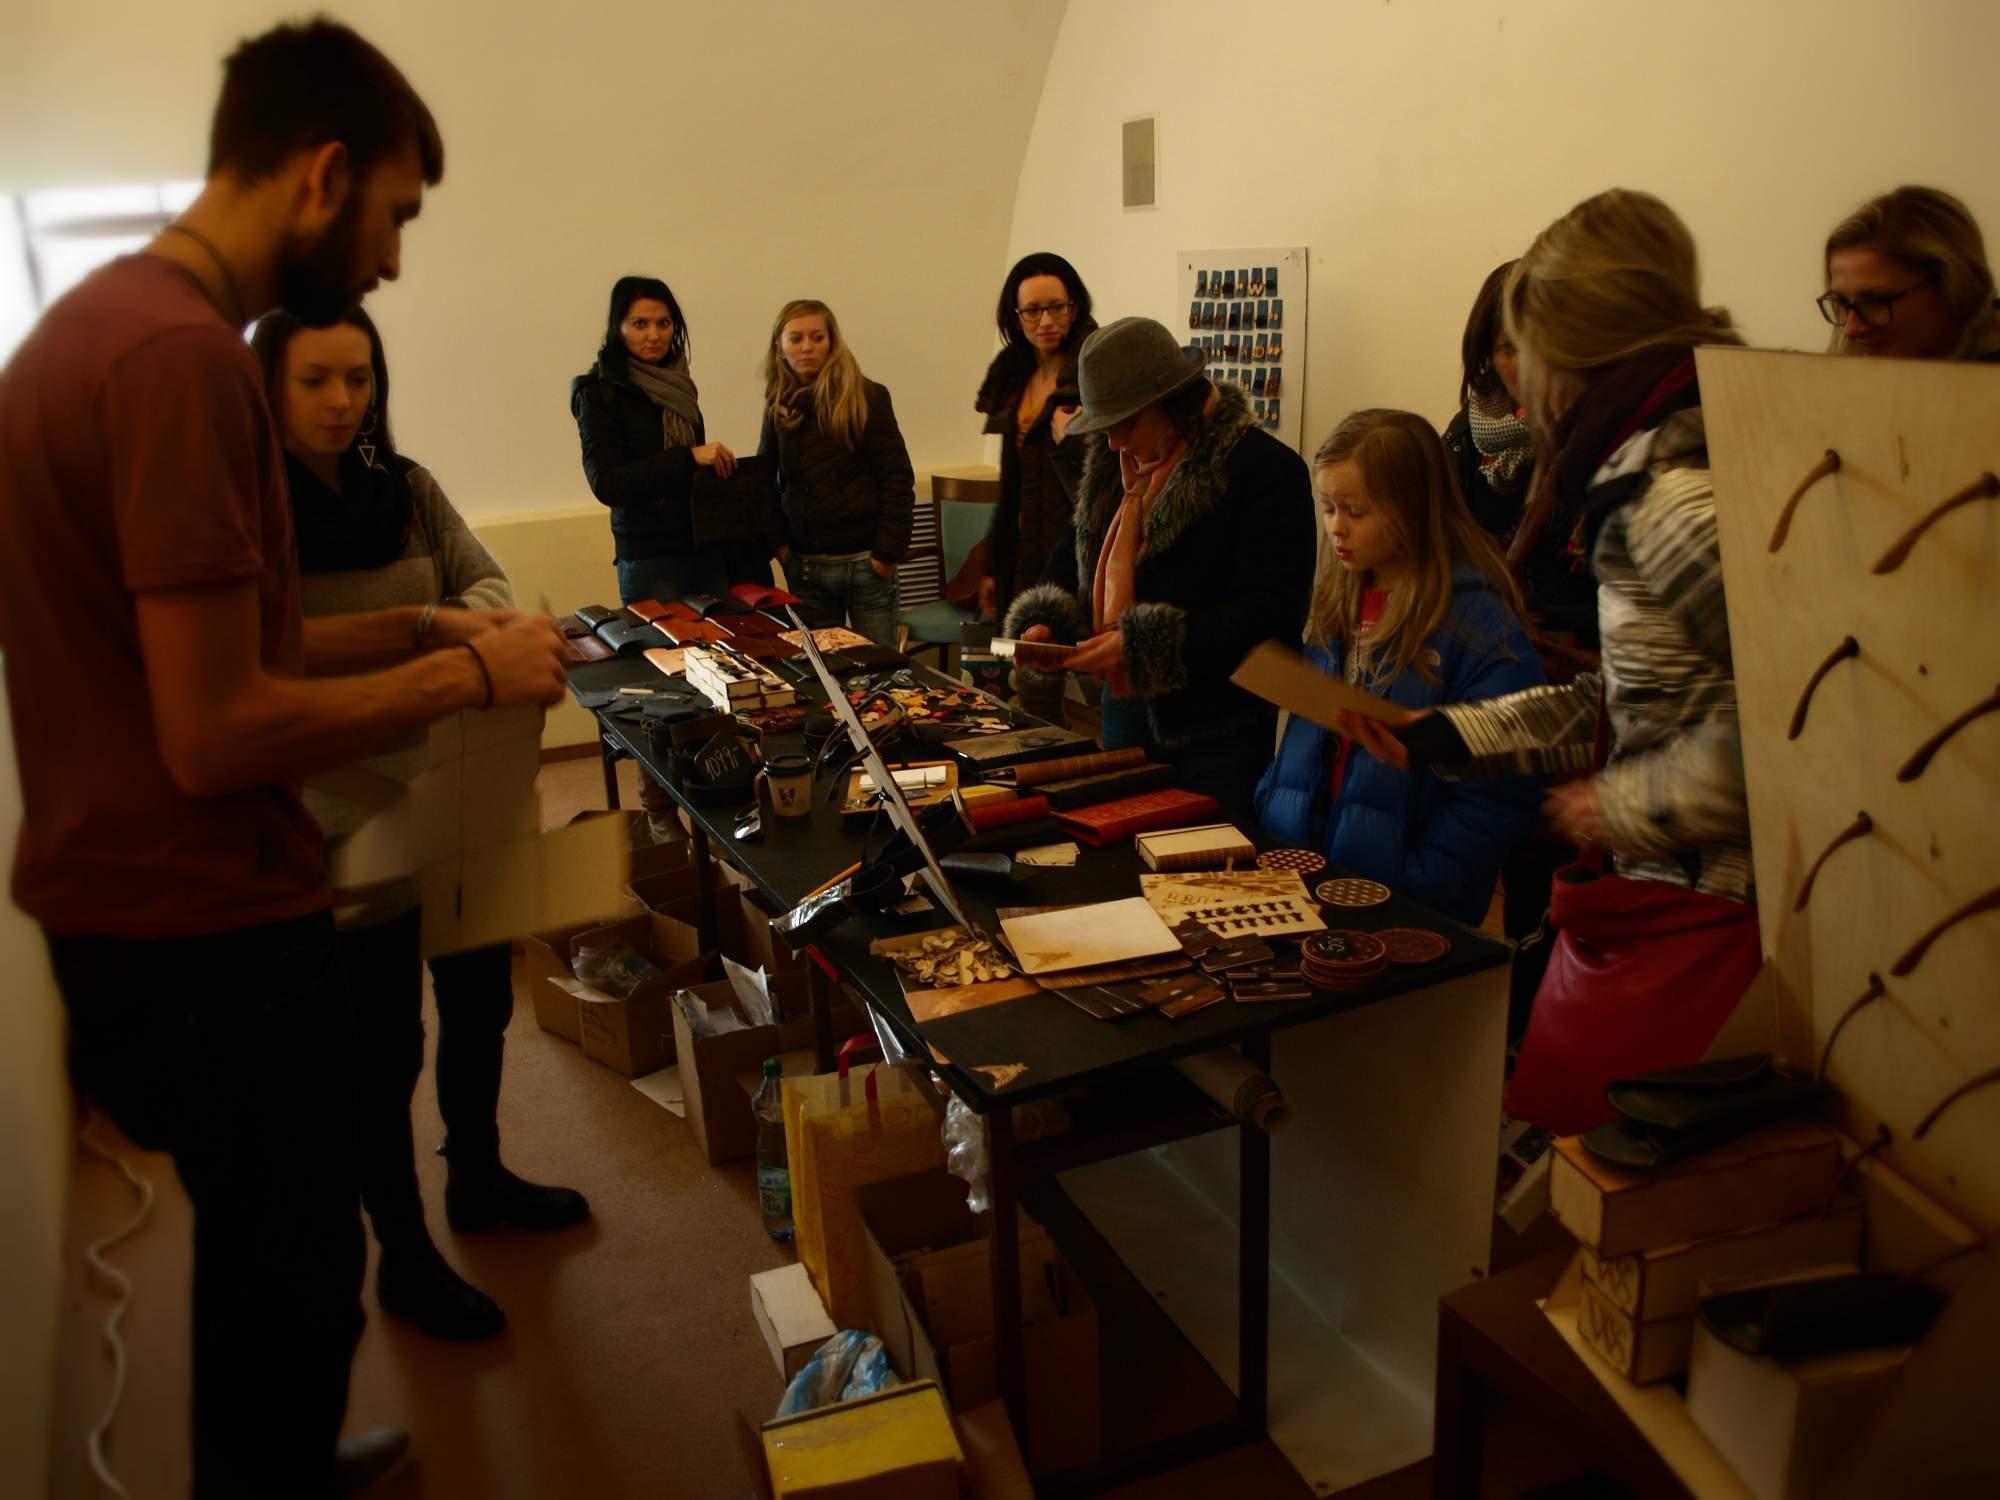 Designéři vyrábějící ze dřeva a kůže ukazují zvědavcům svoji tvorbu. Foto: Bečáková Klára